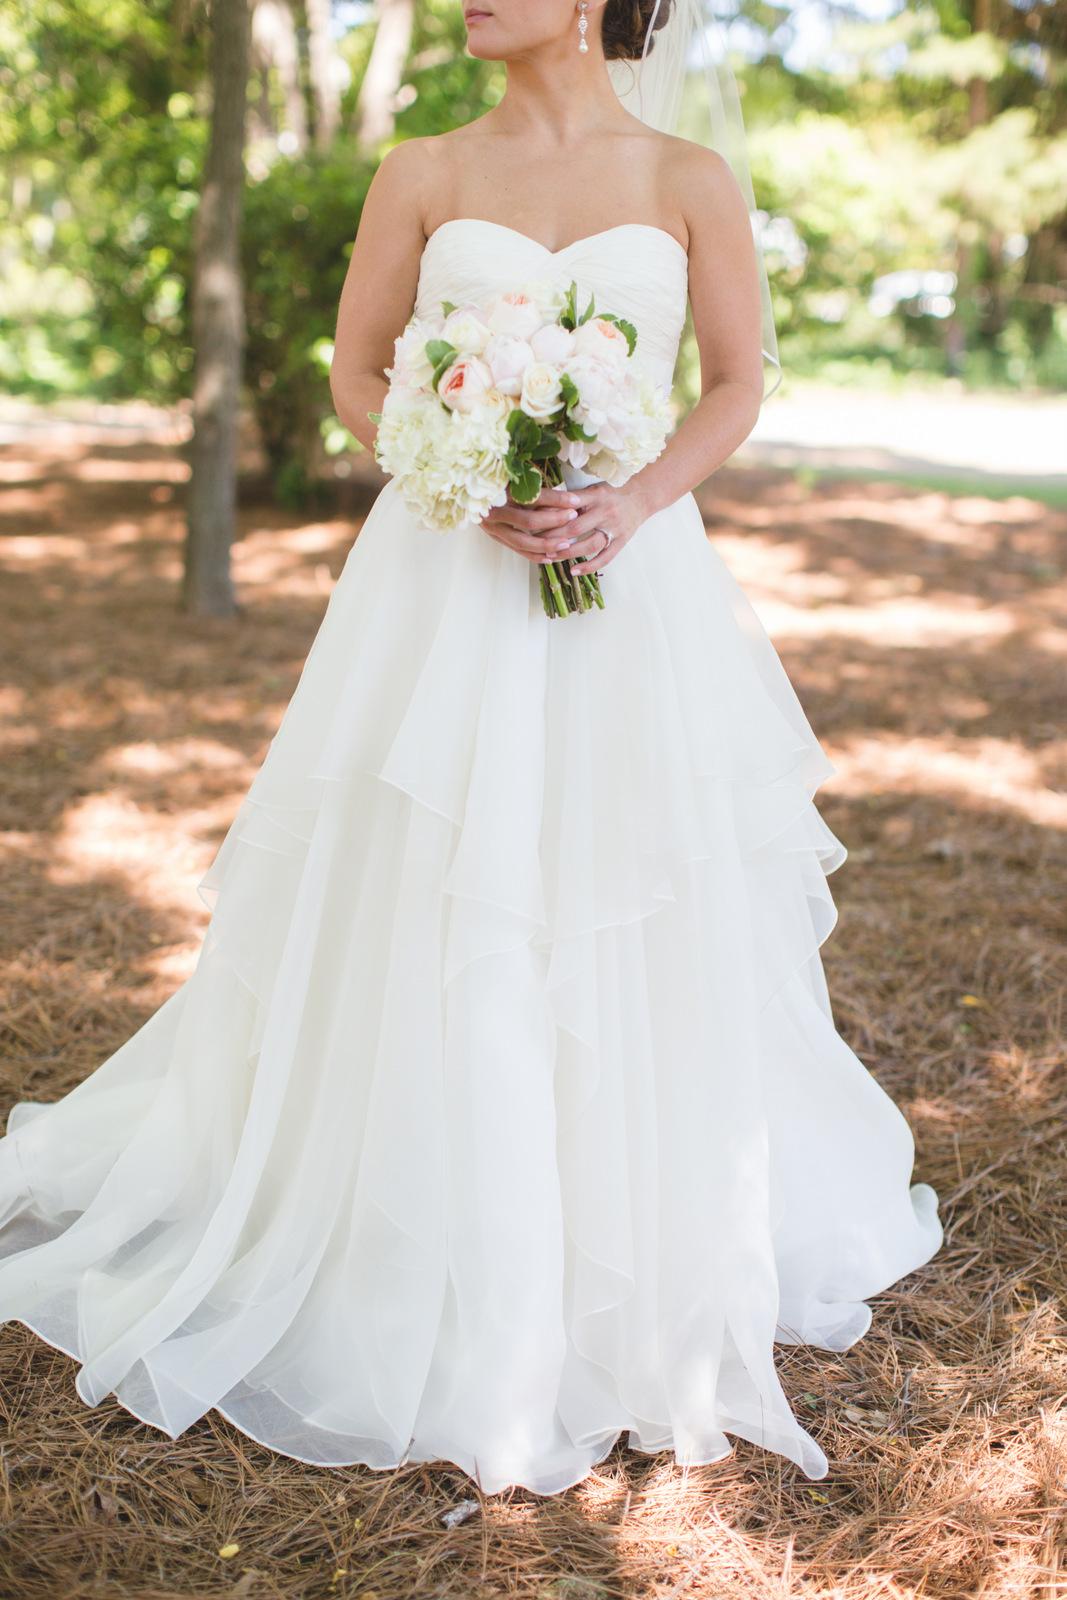 RyanKacie-weddingparty-1-43.jpg